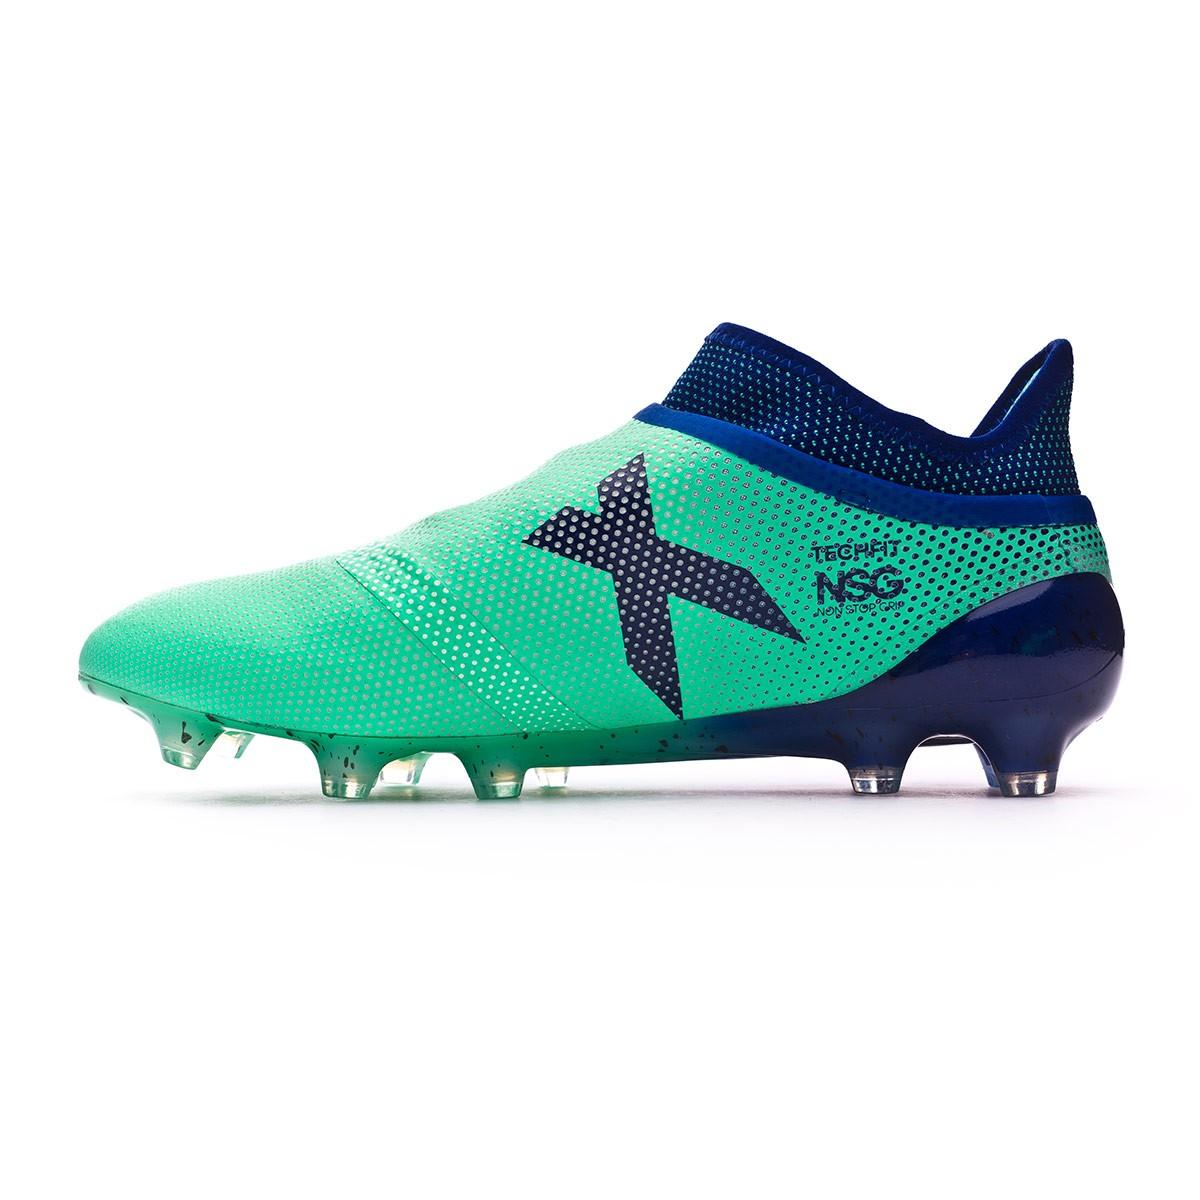 Teoría establecida deshonesto Café  Bota de fútbol adidas X 17+ Purespeed FG Aero green-Unity ink-Hi-res green  - Tienda de fútbol Fútbol Emotion